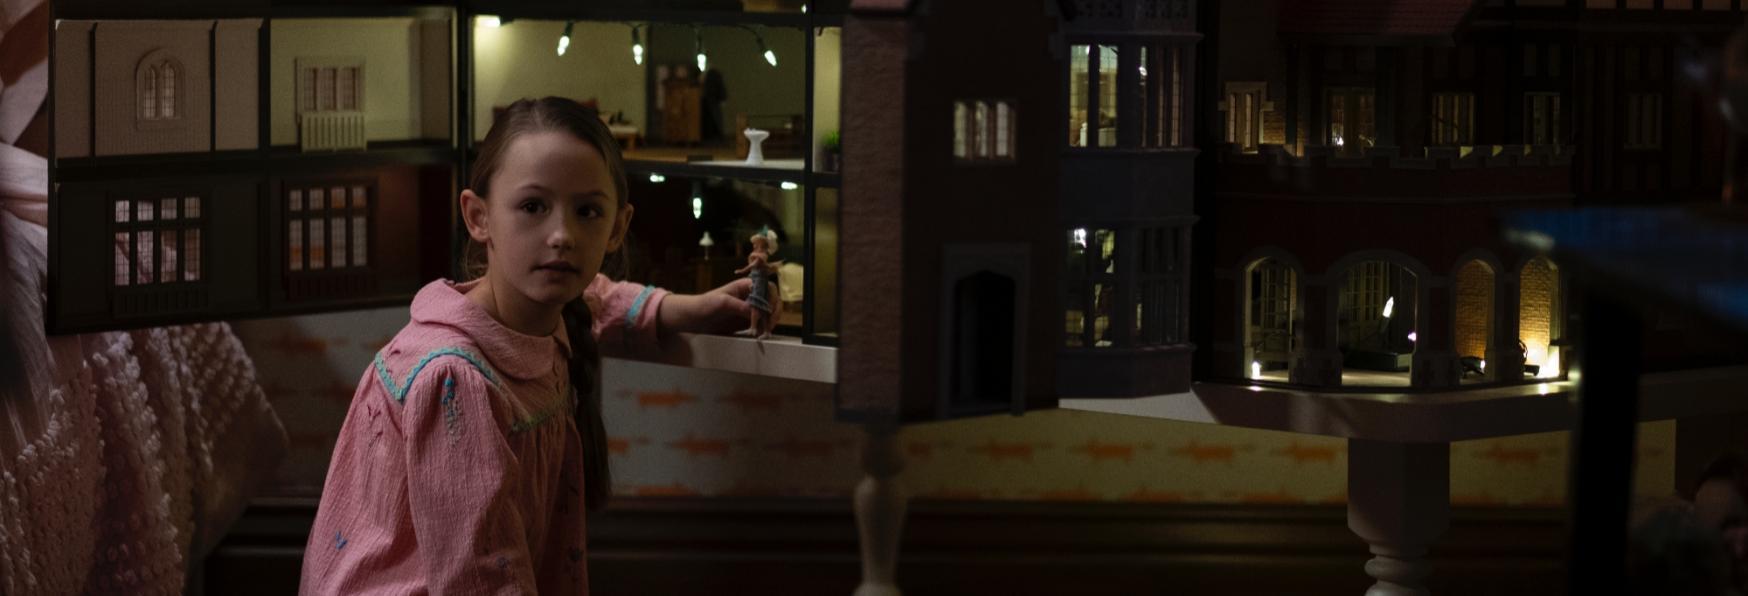 The Haunting Bly Manor: Trama, Cast, Trailer e Data di Uscita e molte altre Informazioni sulla Serie TV Netflix